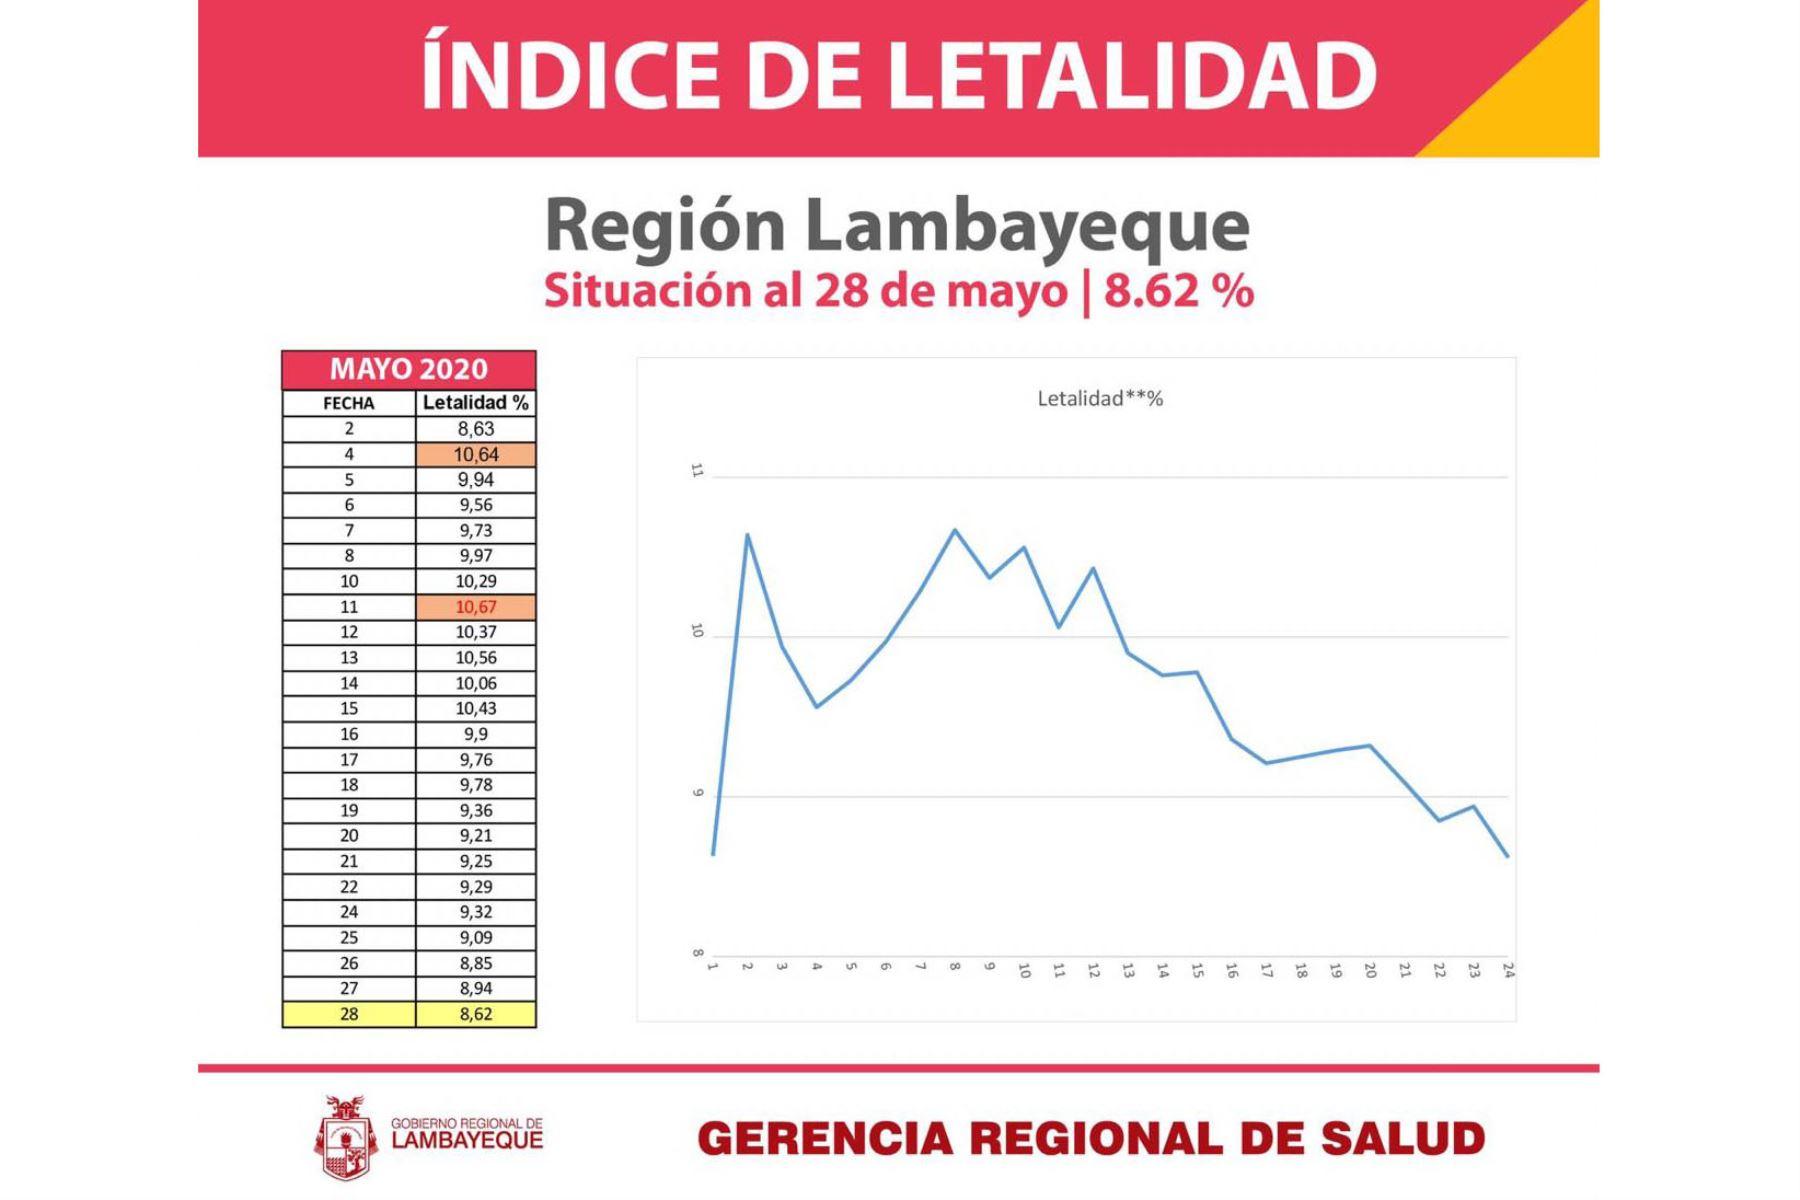 La Geresa Lambayeque informó que ya se registran primeras cifras de descenso en la letalidad por covid-19. Foto: Difusión